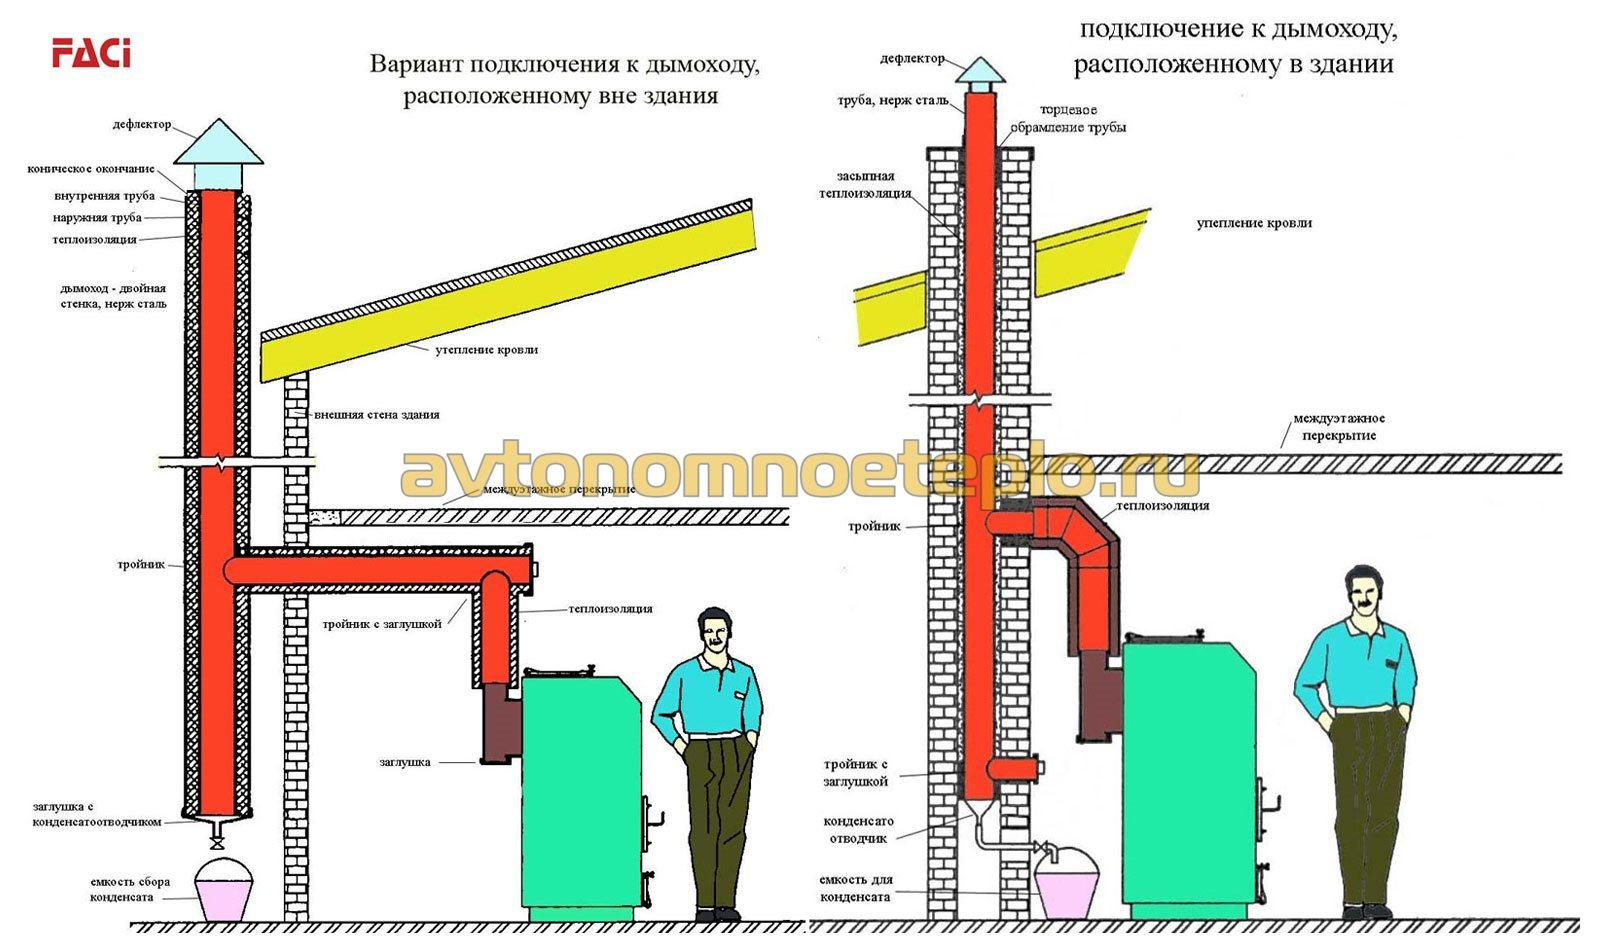 схема правильного подключения дымохода расположенного с внешней и внутренней стороны здания